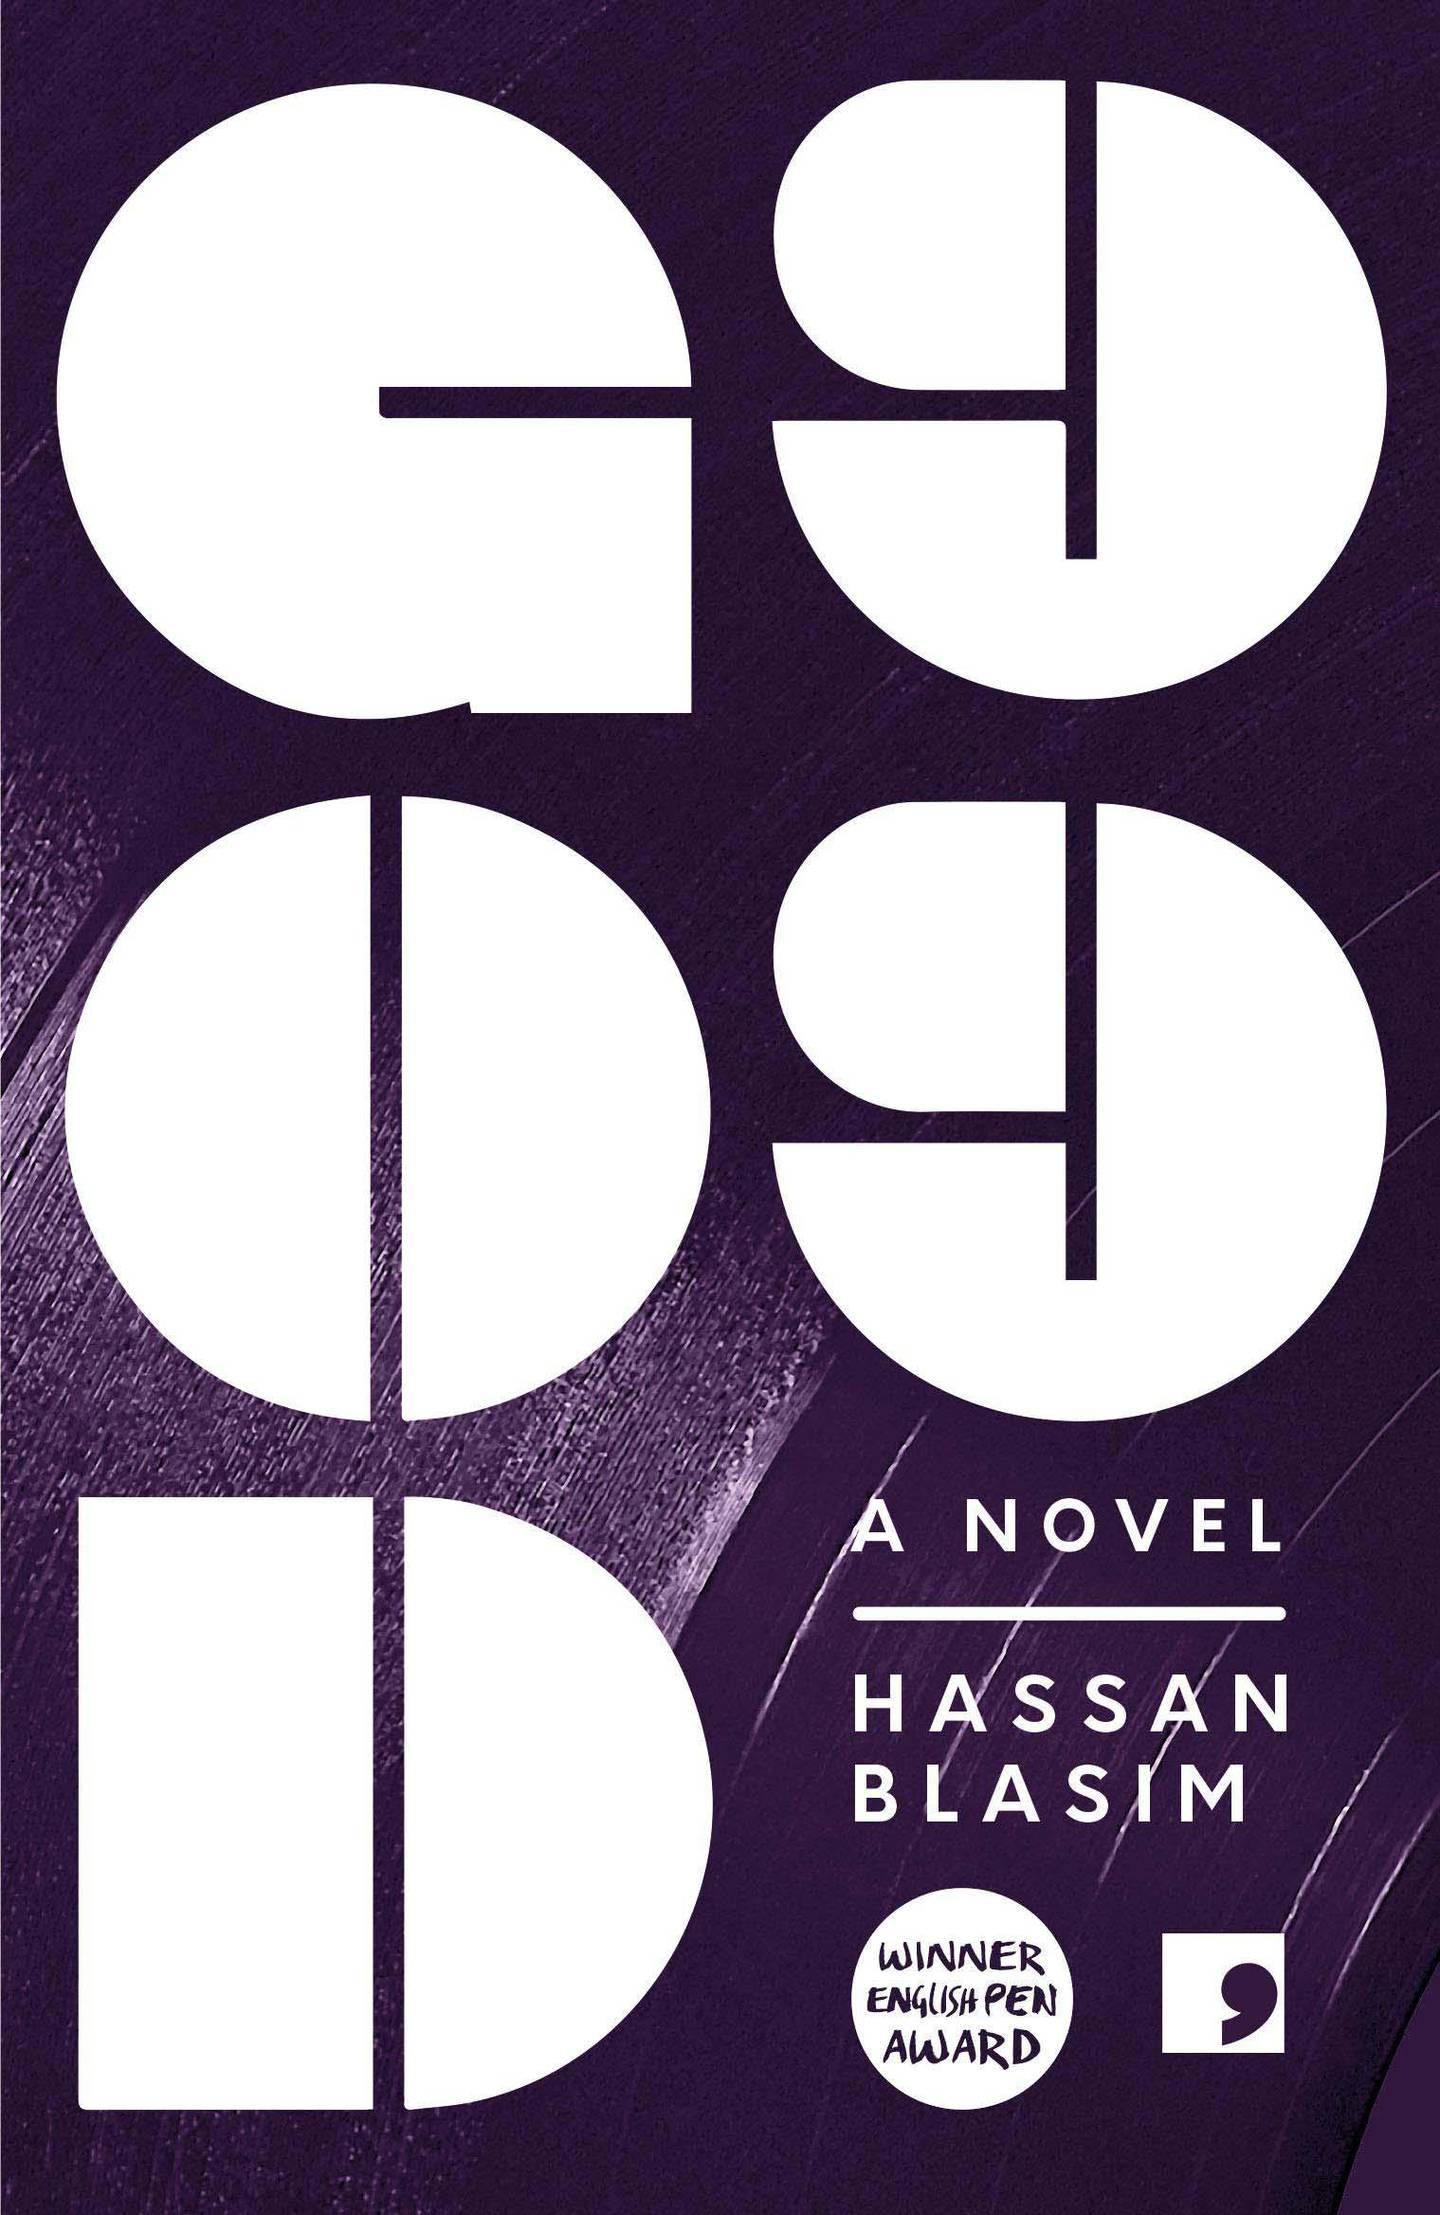 God 99 by Hassan Blasim. Courtesy Comma Press